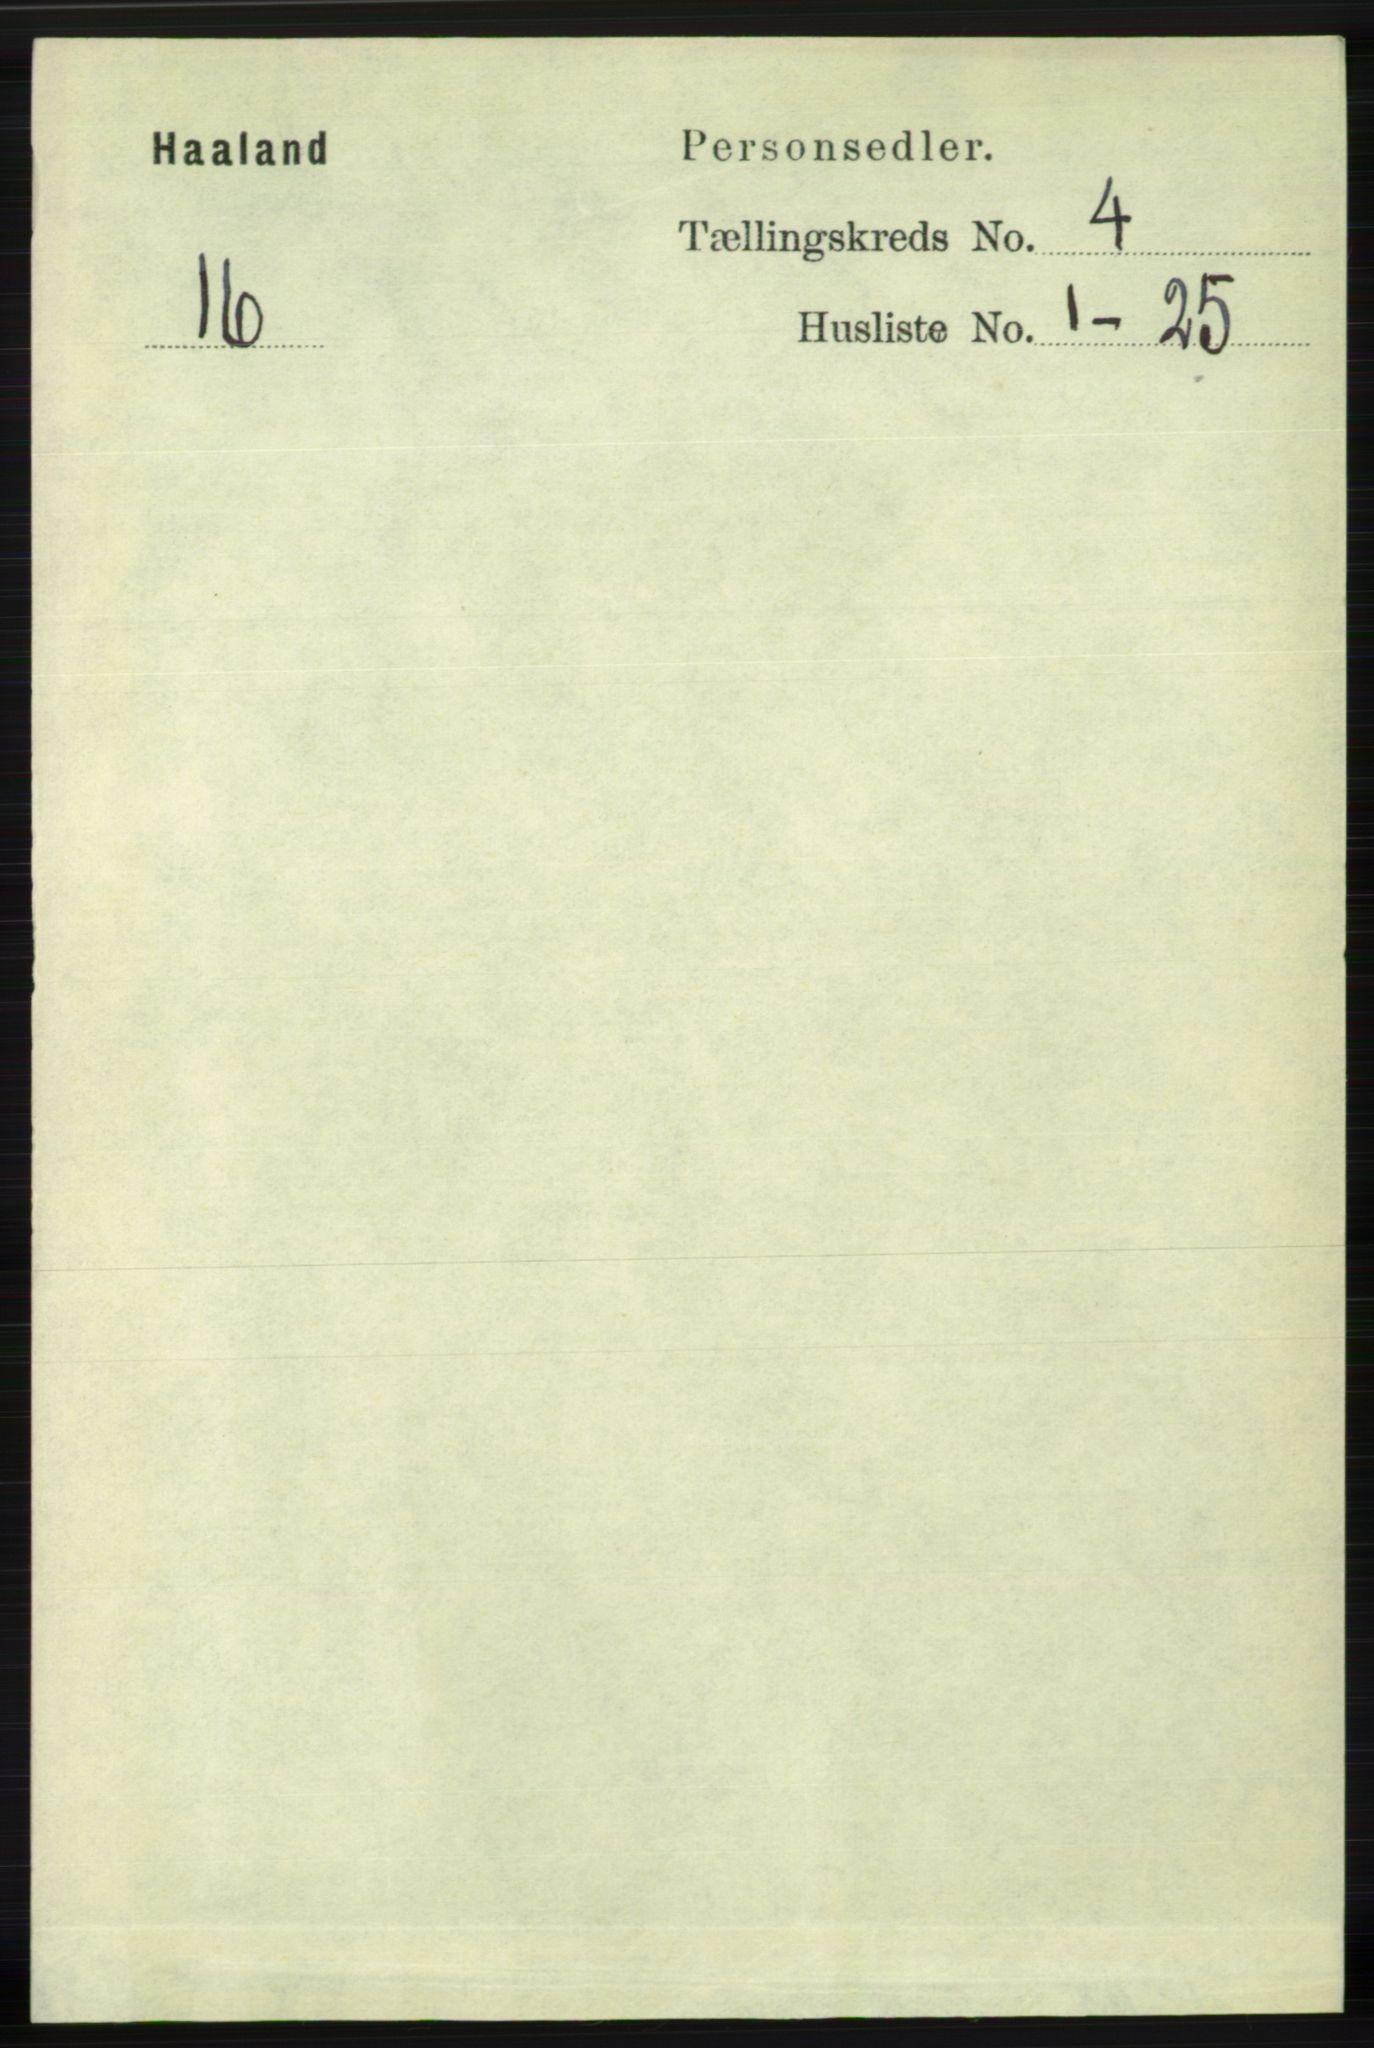 RA, Folketelling 1891 for 1124 Haaland herred, 1891, s. 2415